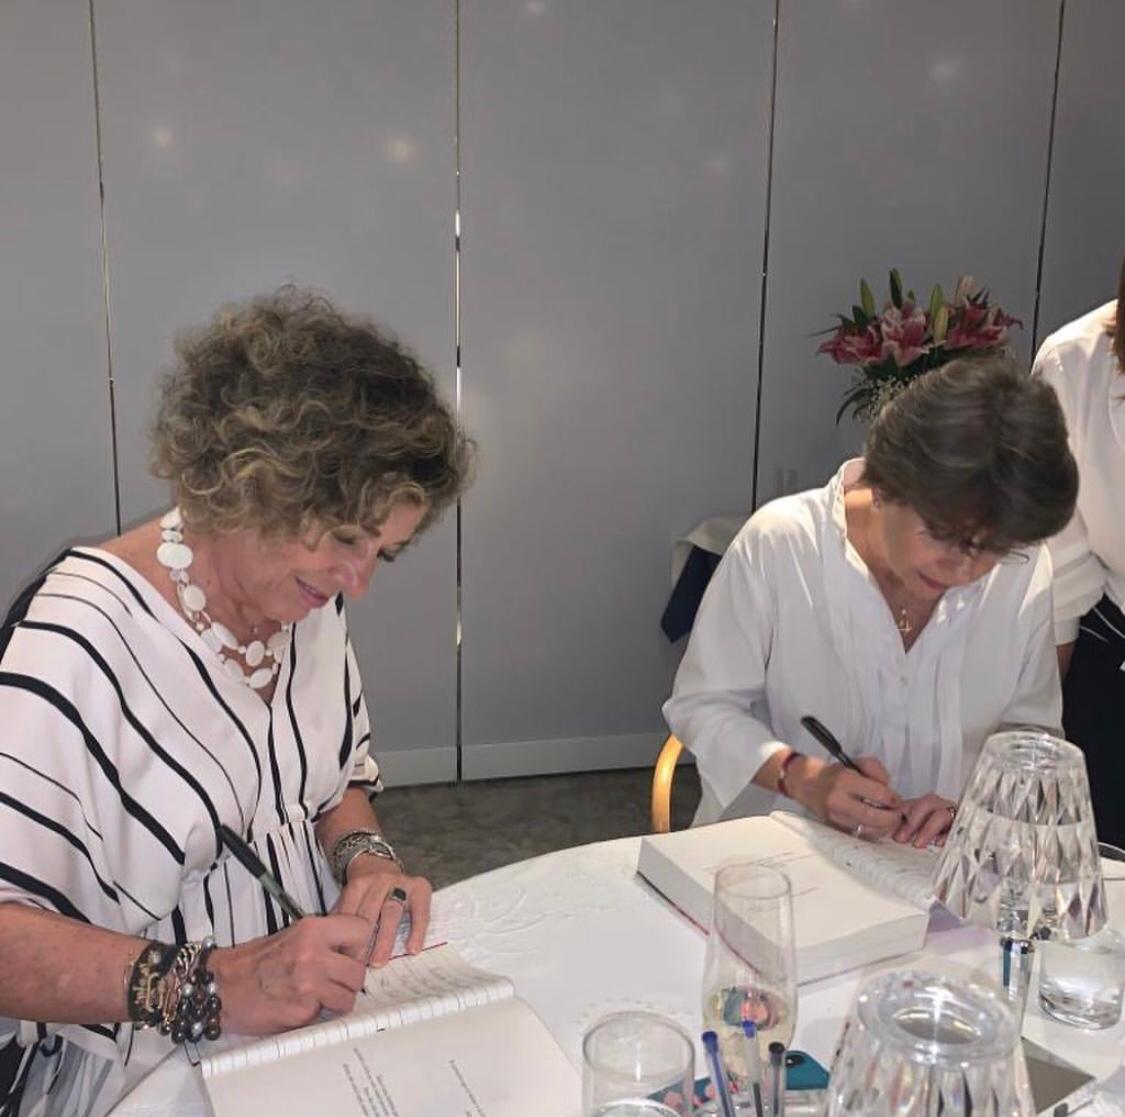 Sessão de autógrafos com Consuelo e Alessandra Blocker